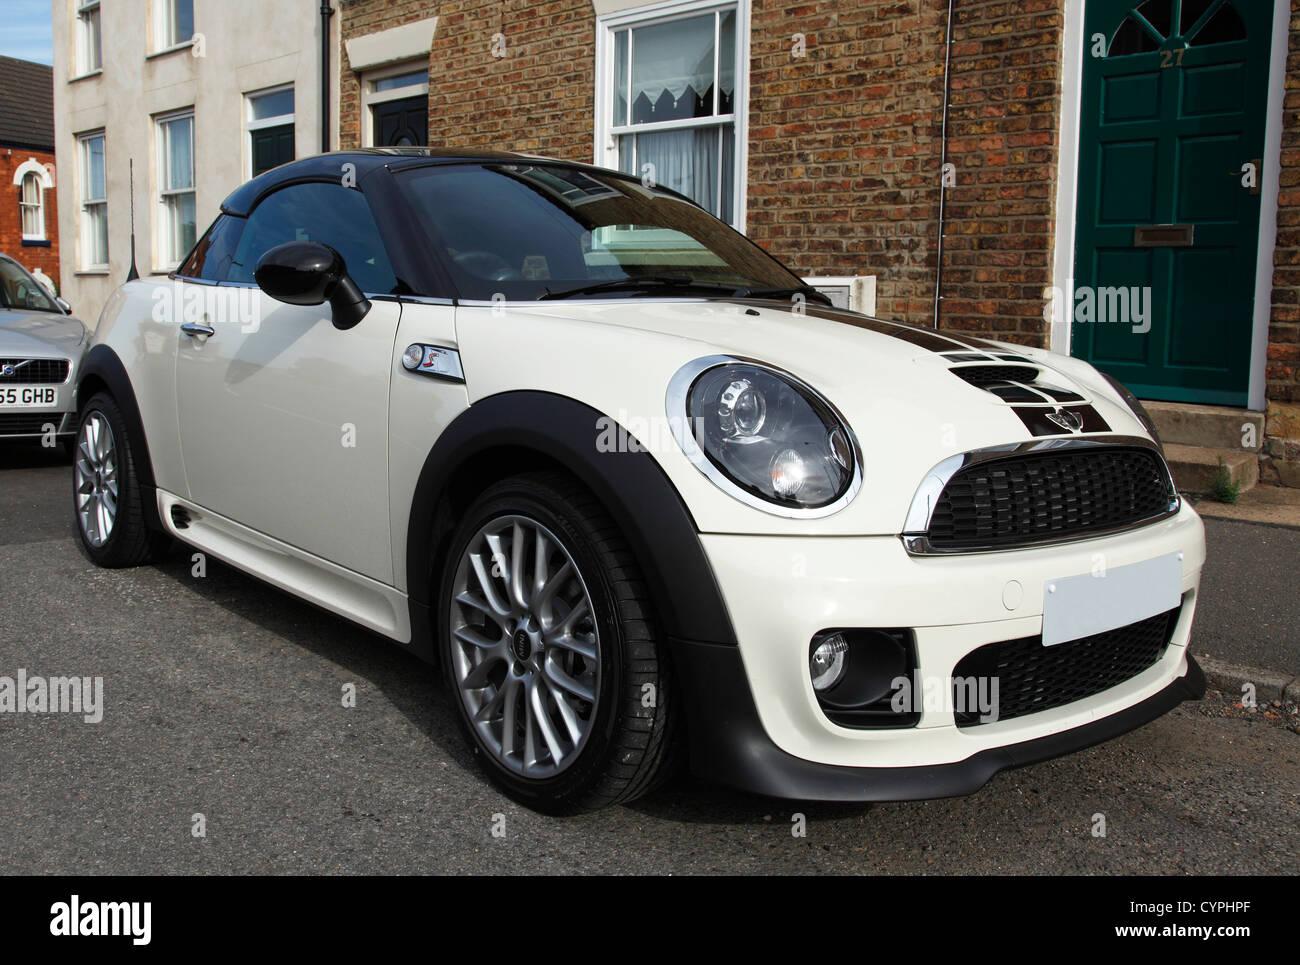 Un mini roadster coche aparcado en una calle en el Reino Unido. Imagen De Stock